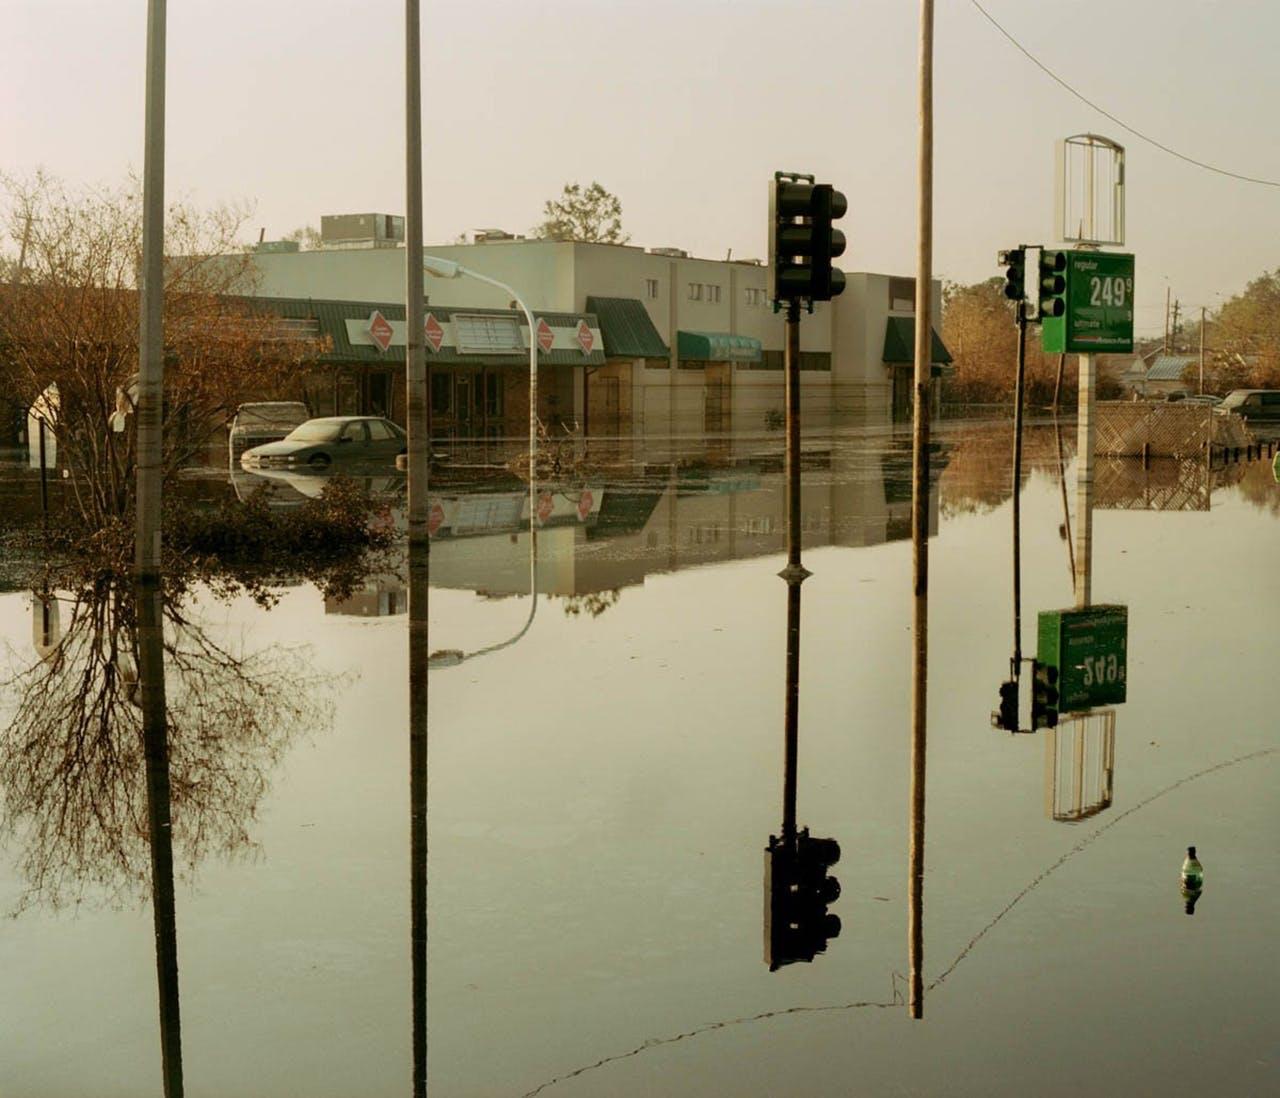 The Wall Market fotokunst af oversvømmet gade